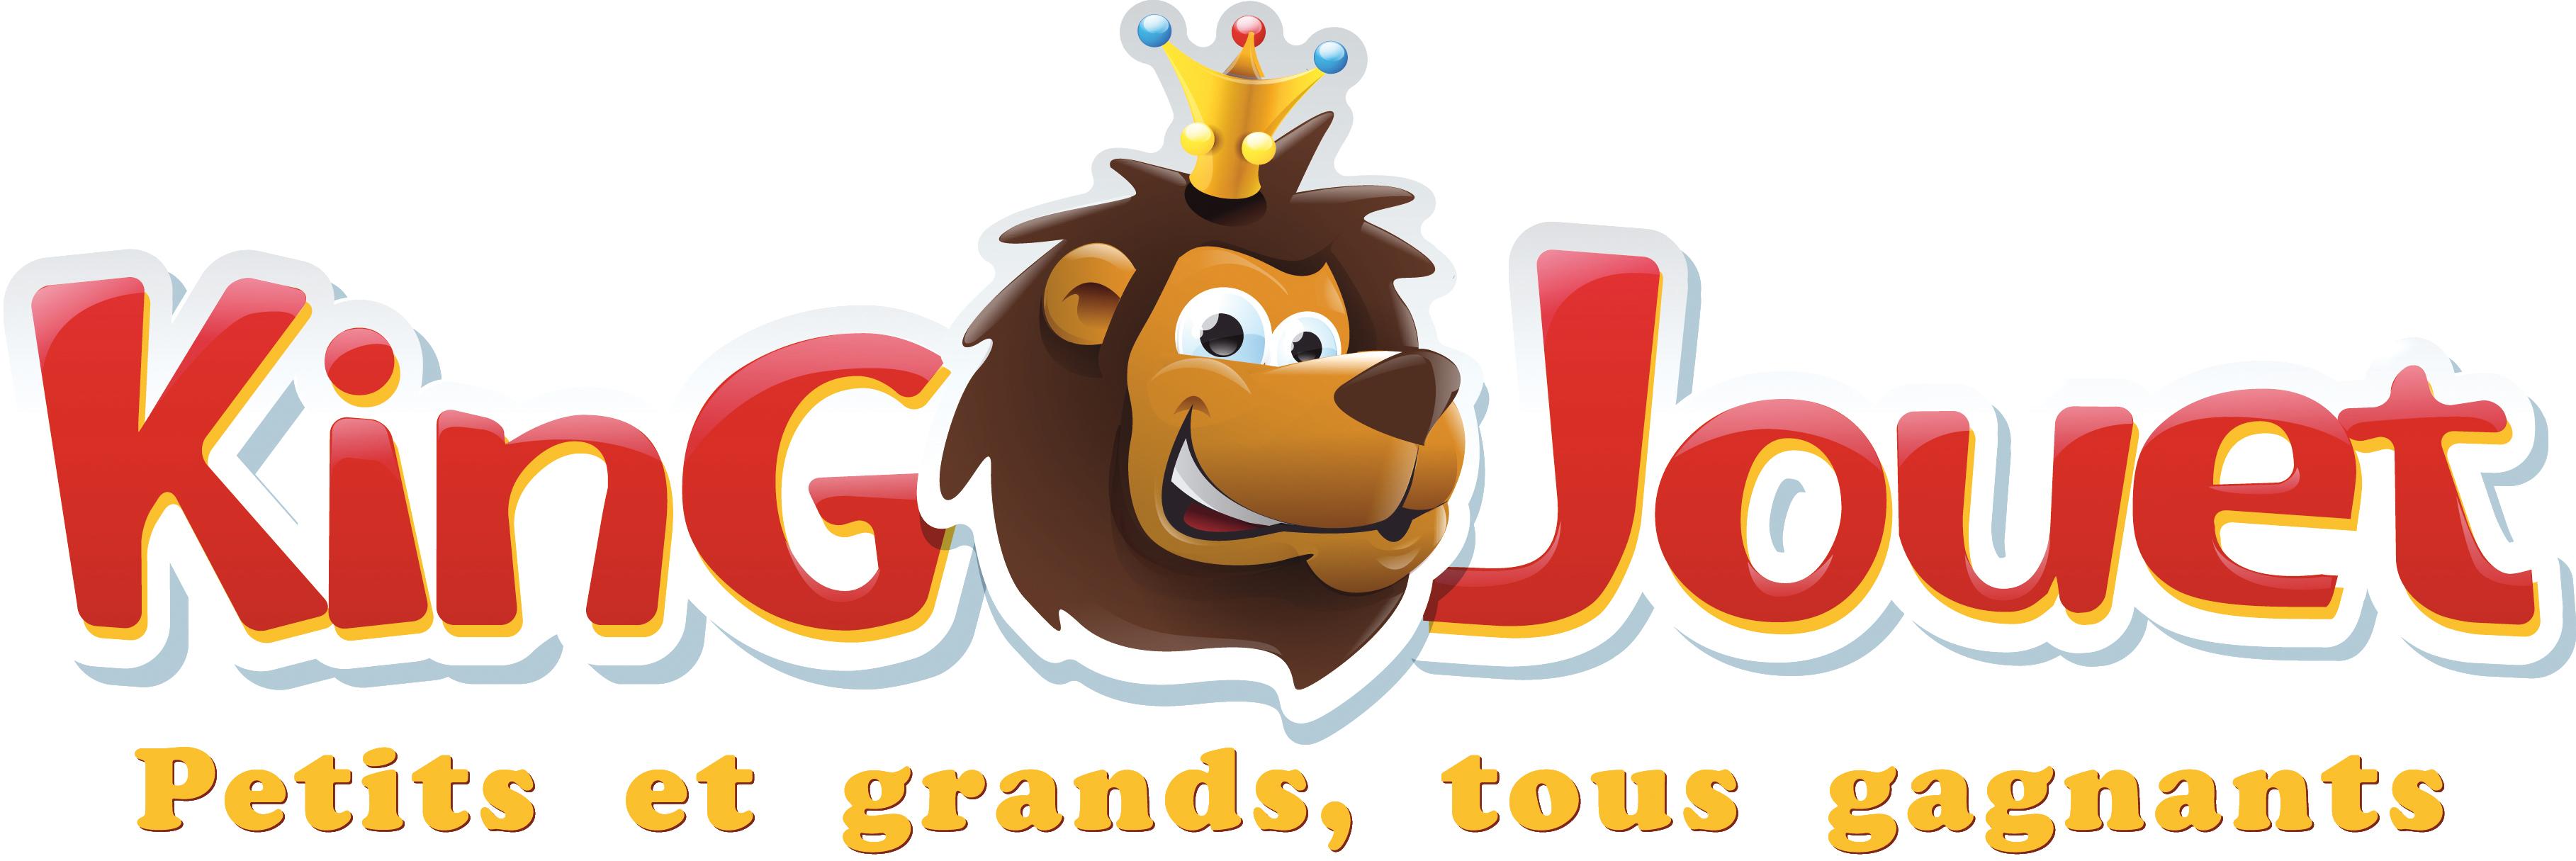 Photo du Sites en ligne de vente de modèles réduits www.king-jouet.com